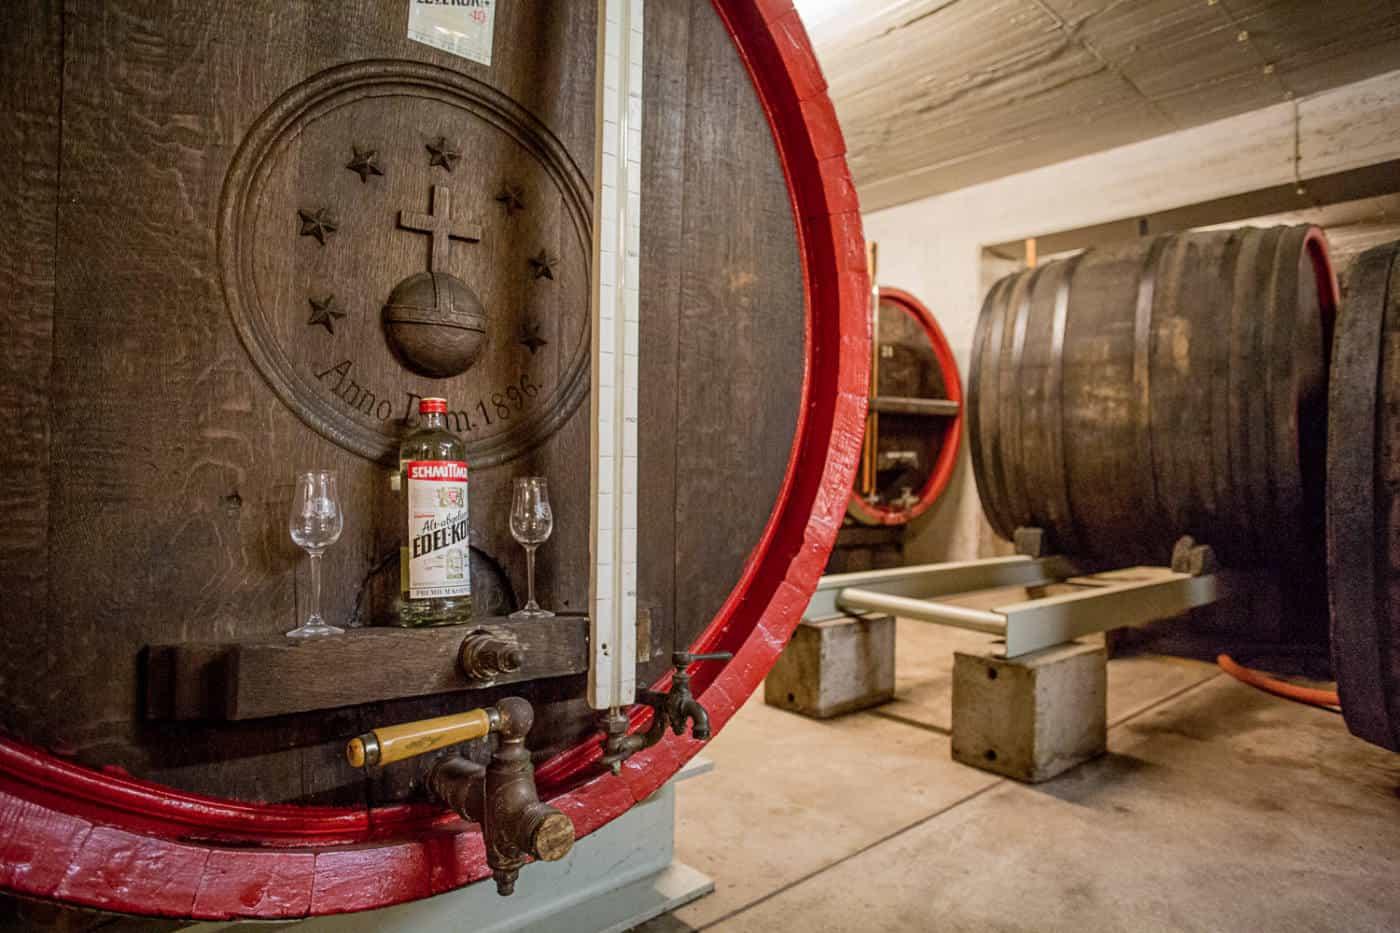 Dusseldorf gin tasting at Dusseldorf Schmittmann gin distillery